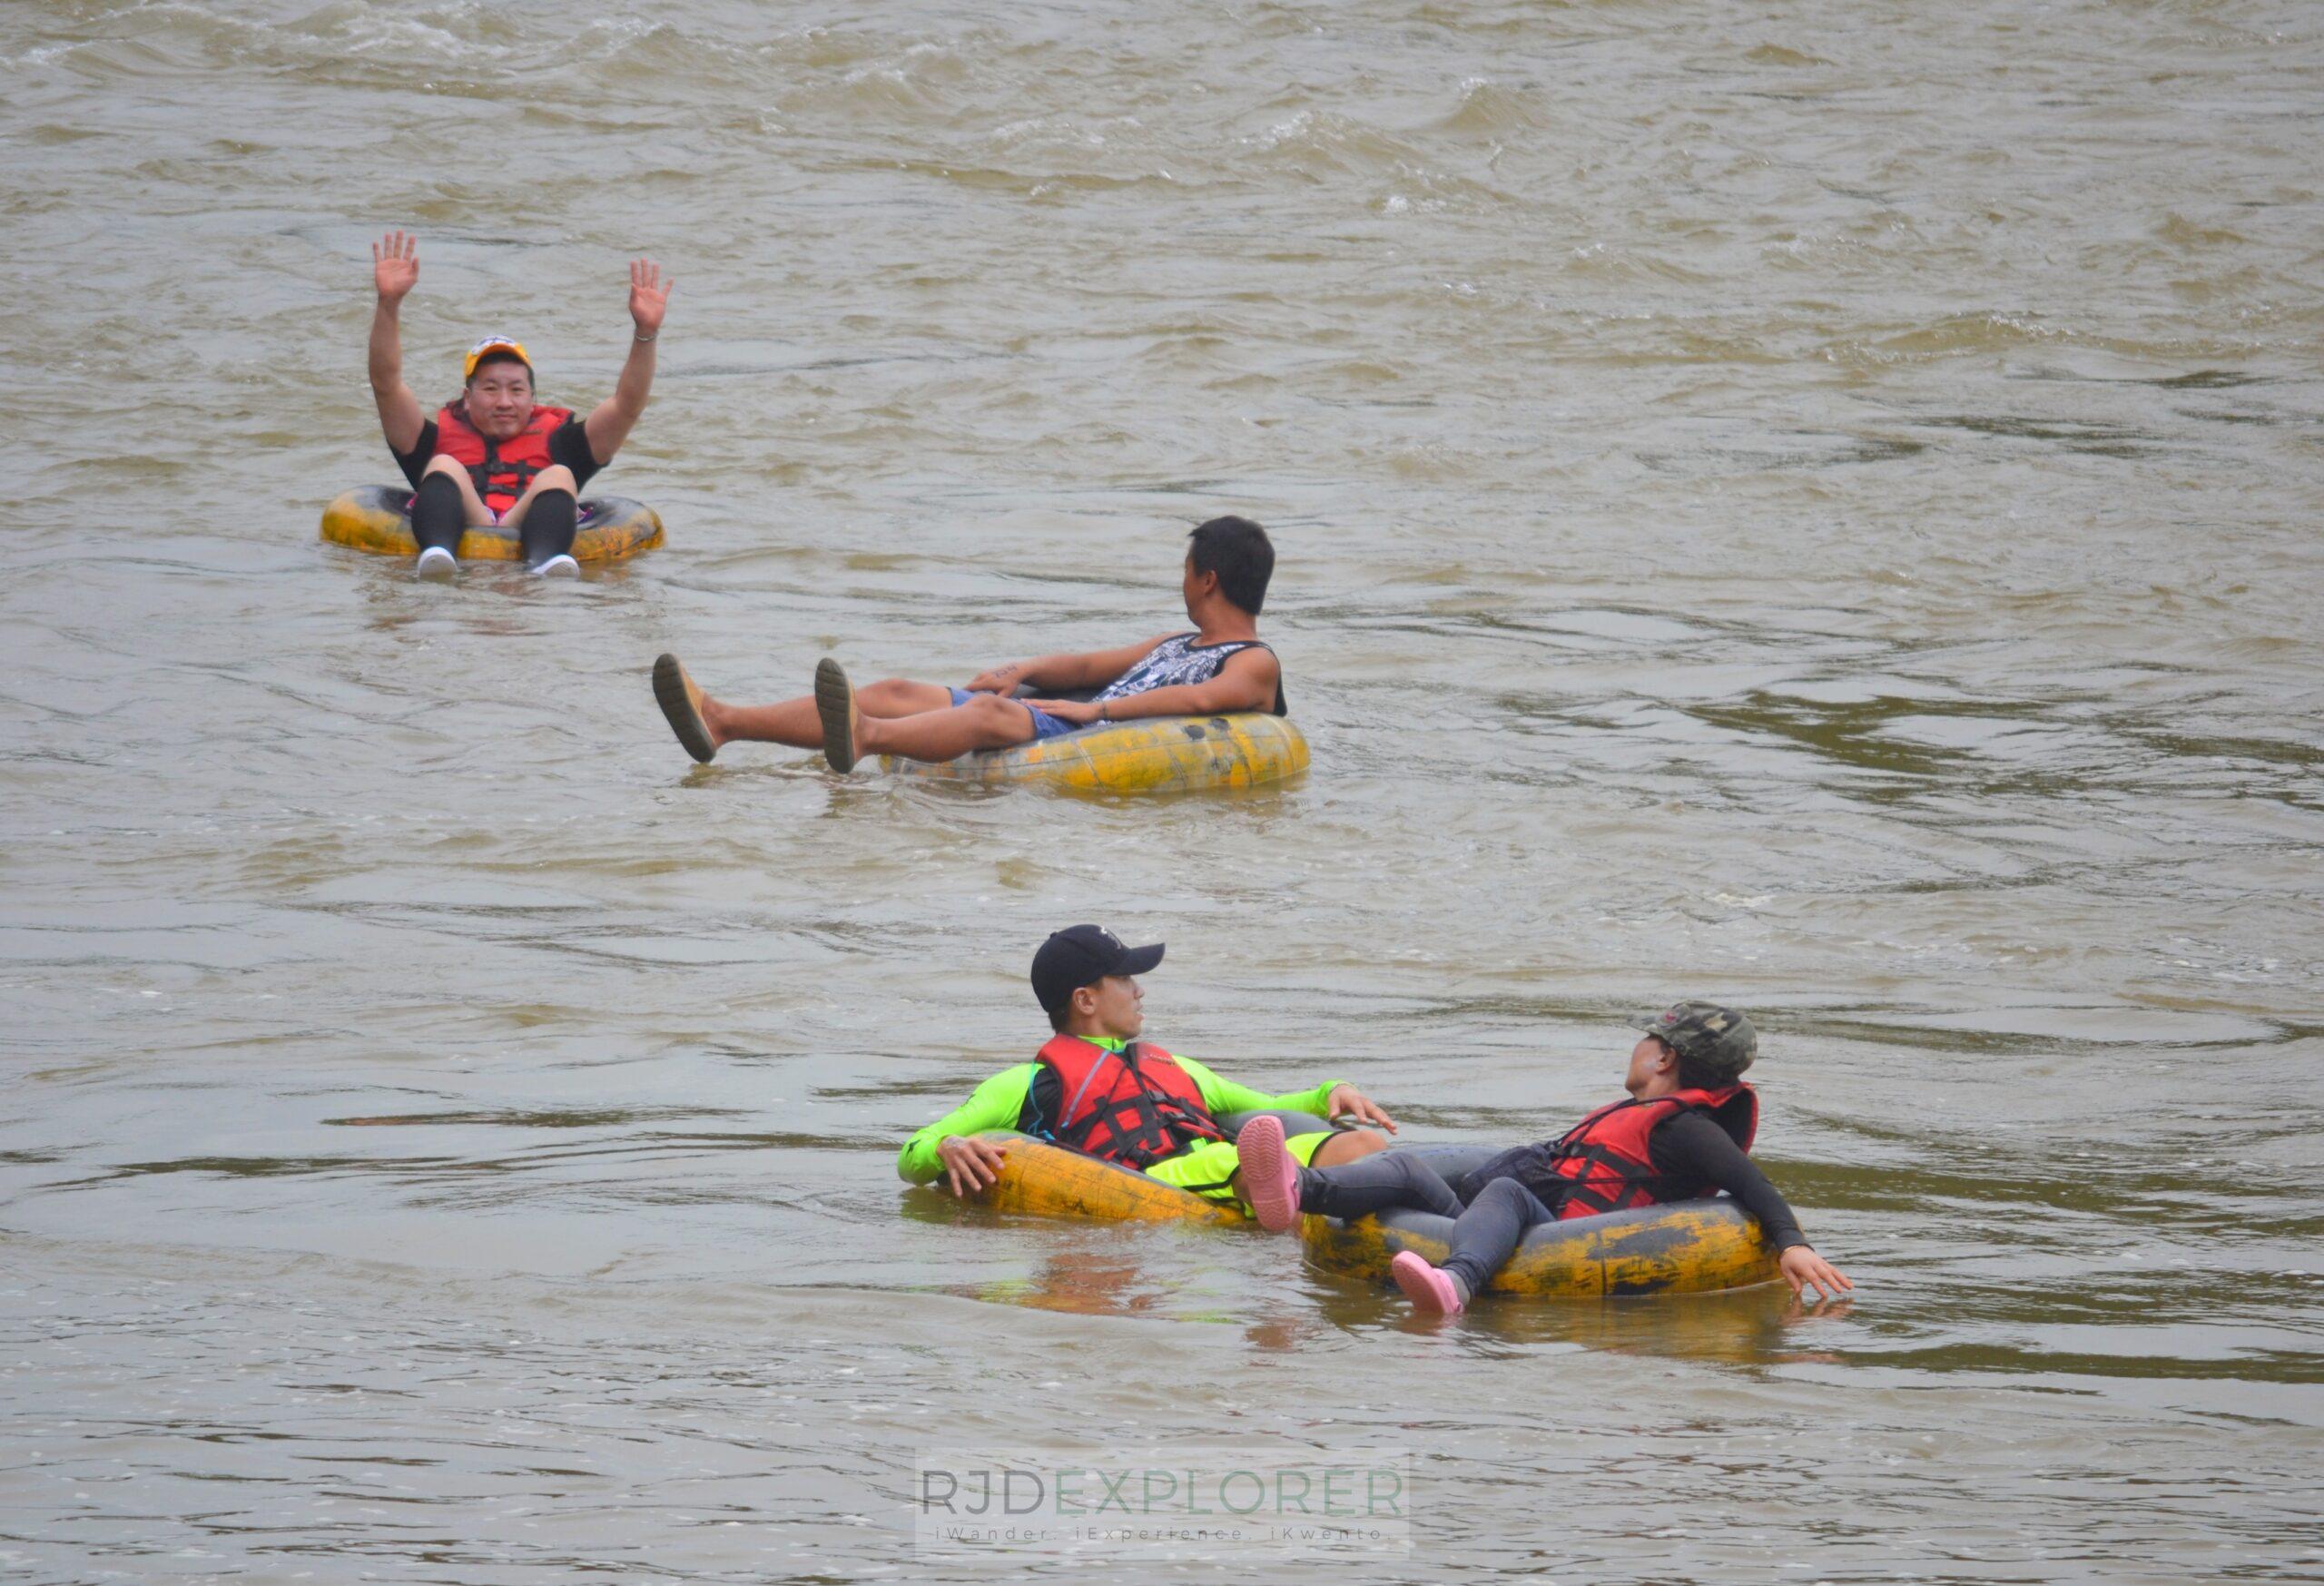 laos itinerary diy river tubing vang vieng